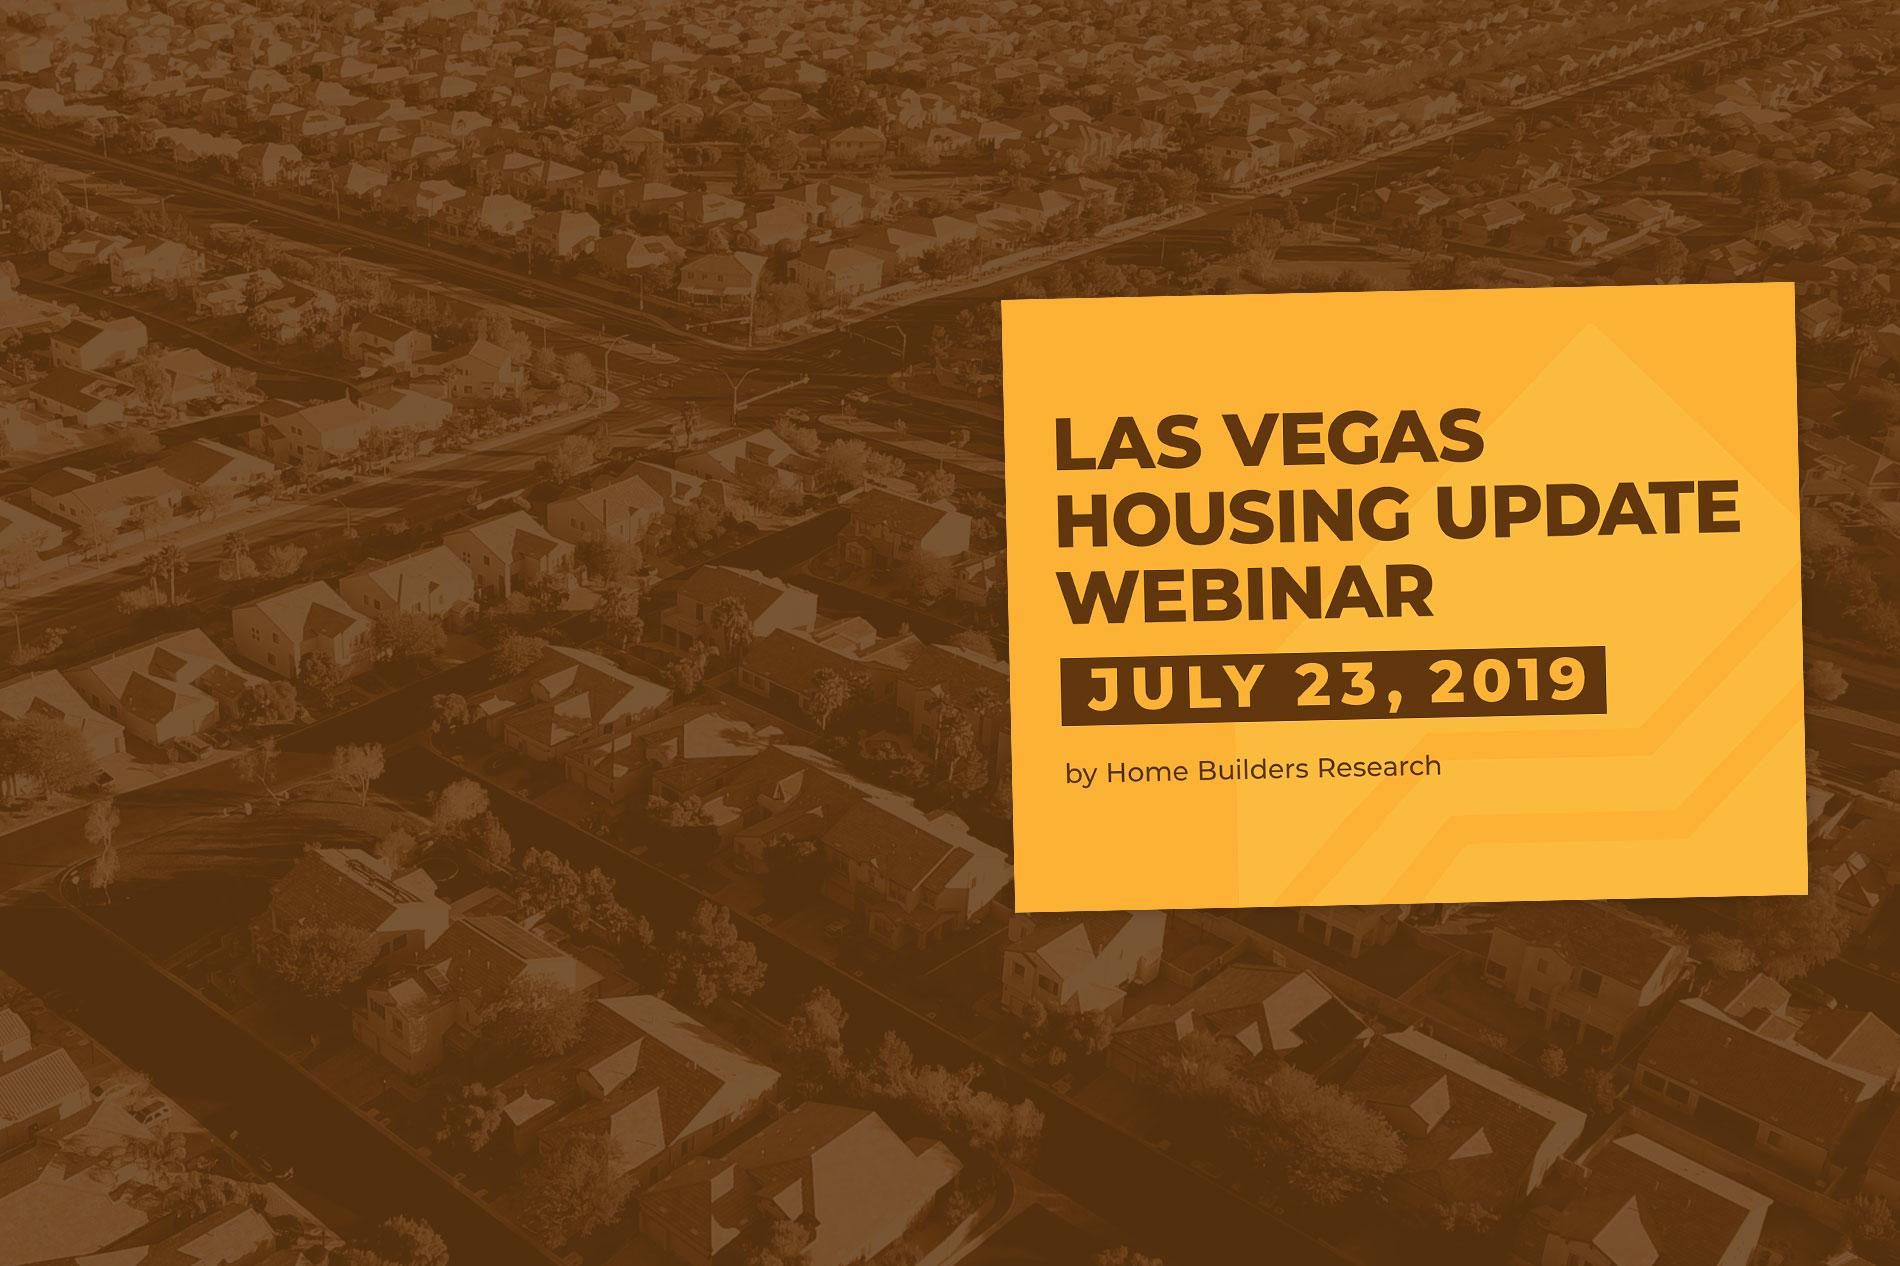 Las Vegas Housing Update Webinar